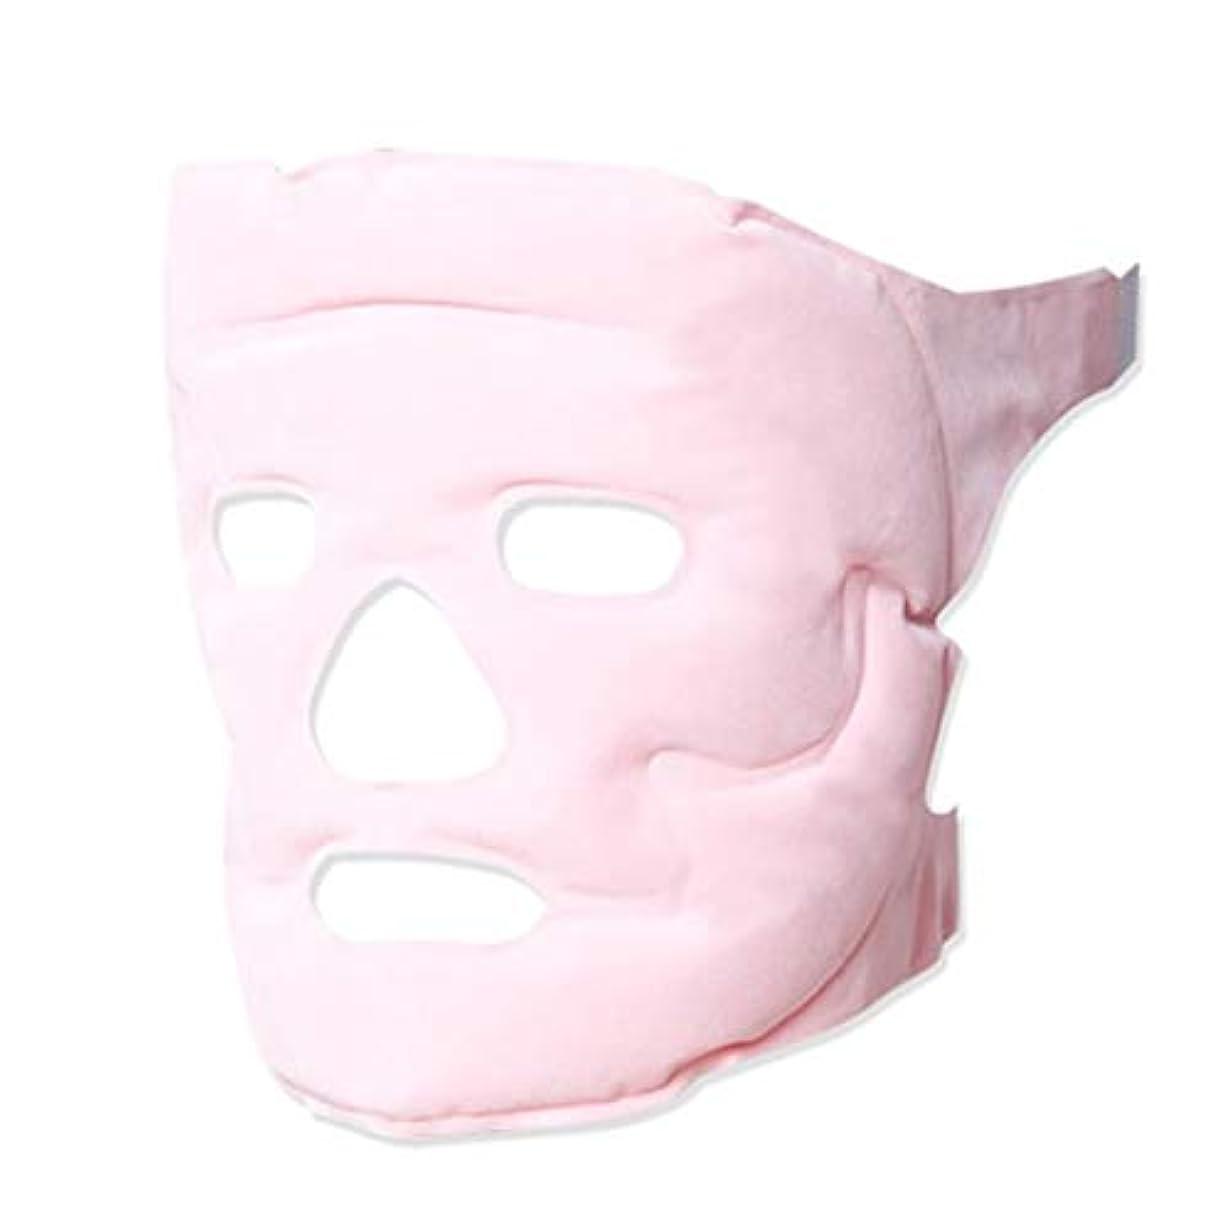 ペネロペ間接的終わらせるZWBD フェイスマスク, フェイスリフティング包帯Vフェイスマスク睡眠薄い顔美容マスク磁気療法リフティング顔引き締め令包帯